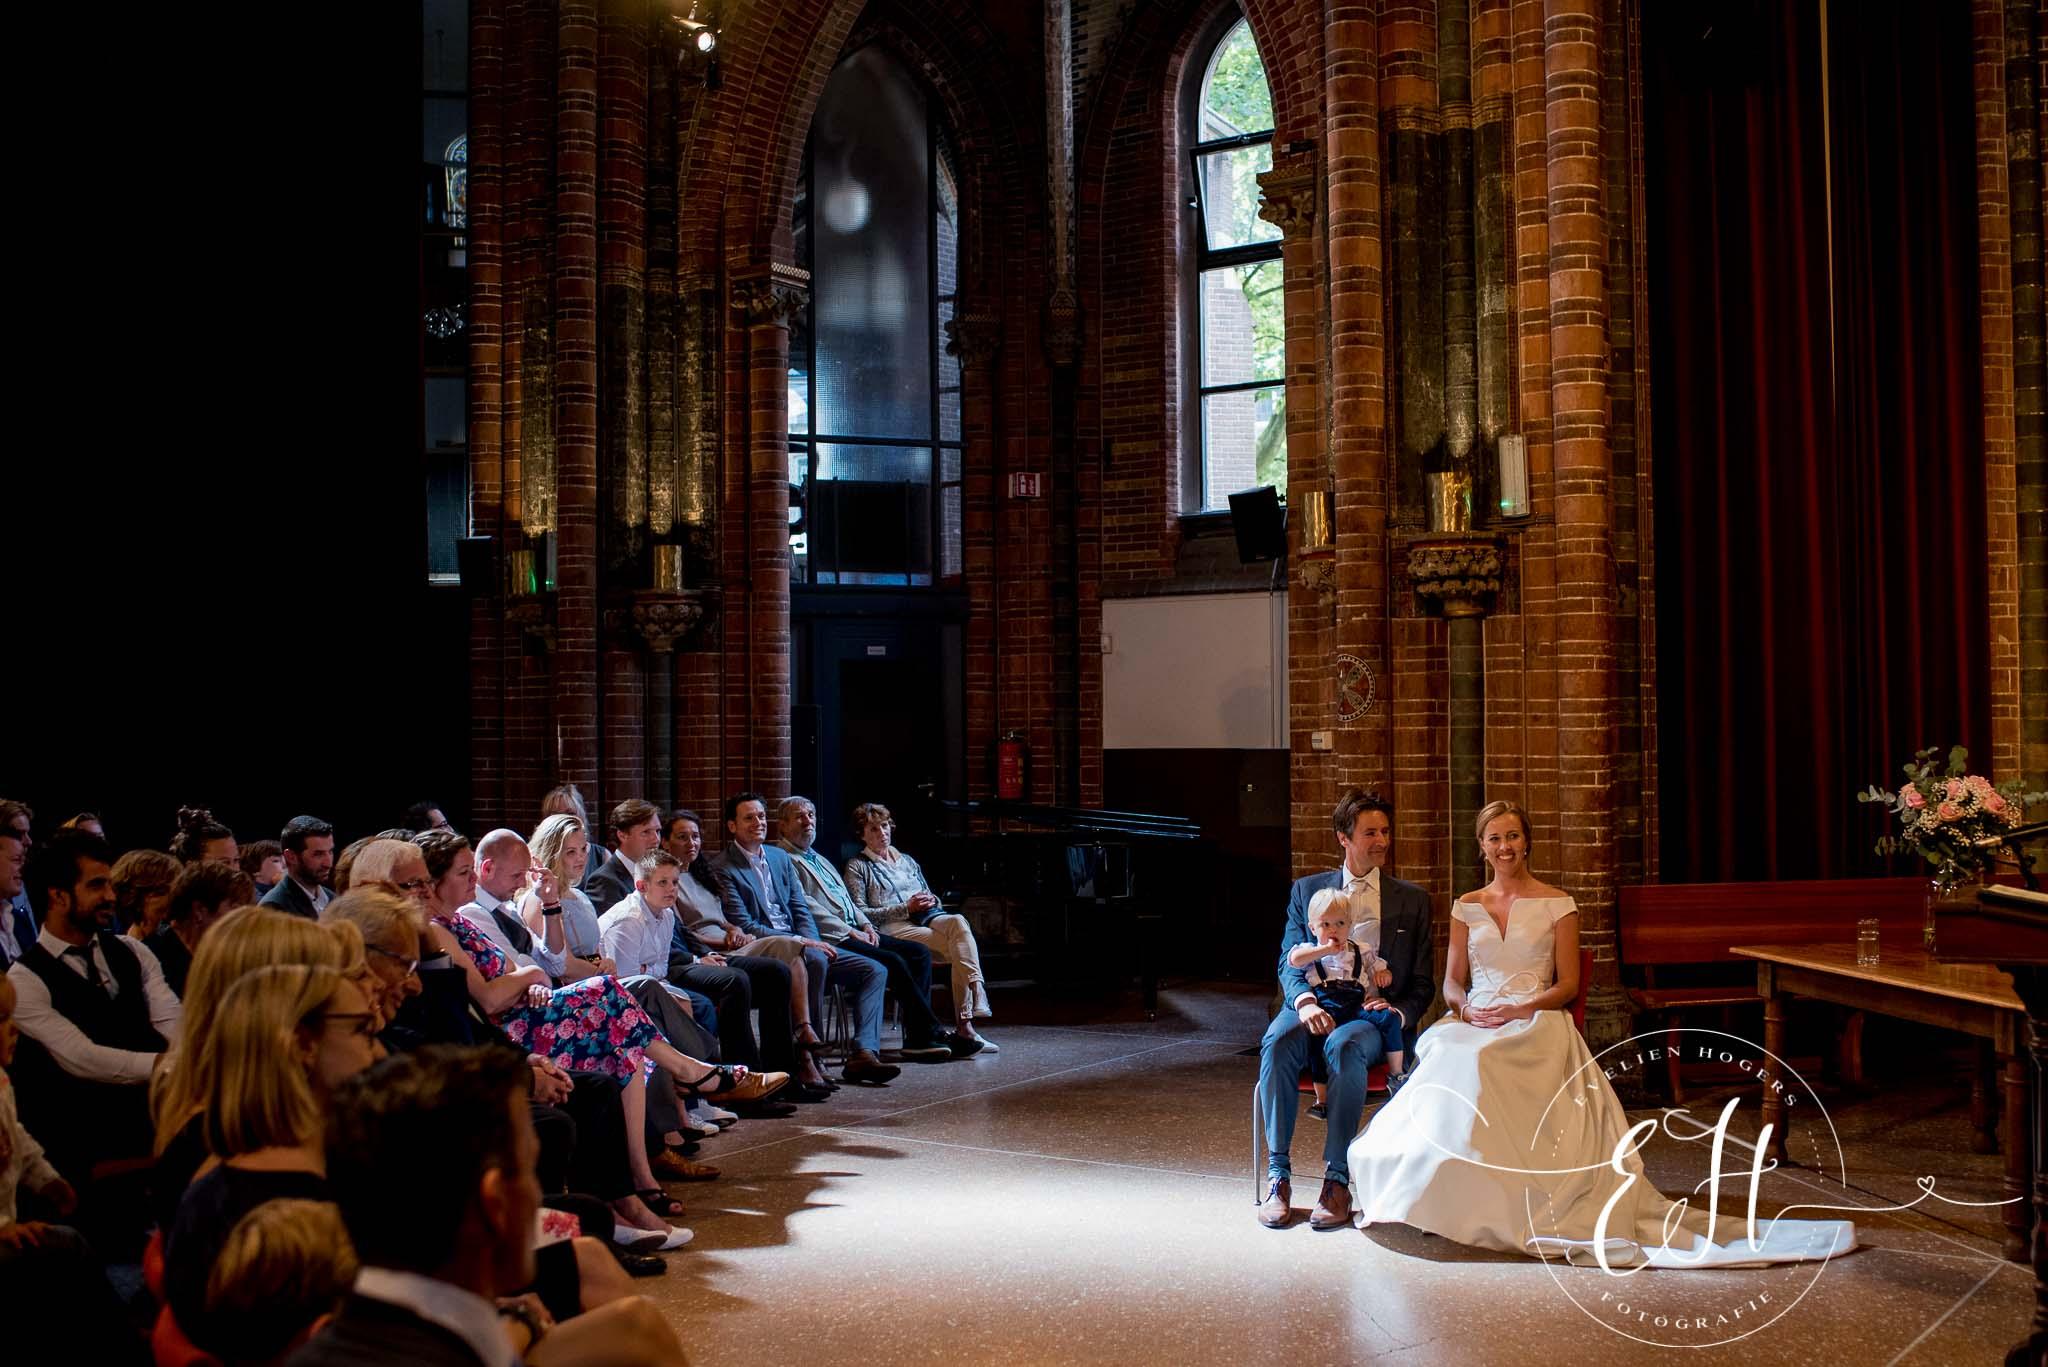 trouwfotograaf-amsterdam-vondelpark-vondelkerk-bianca-martijn (196 van 481).jpg